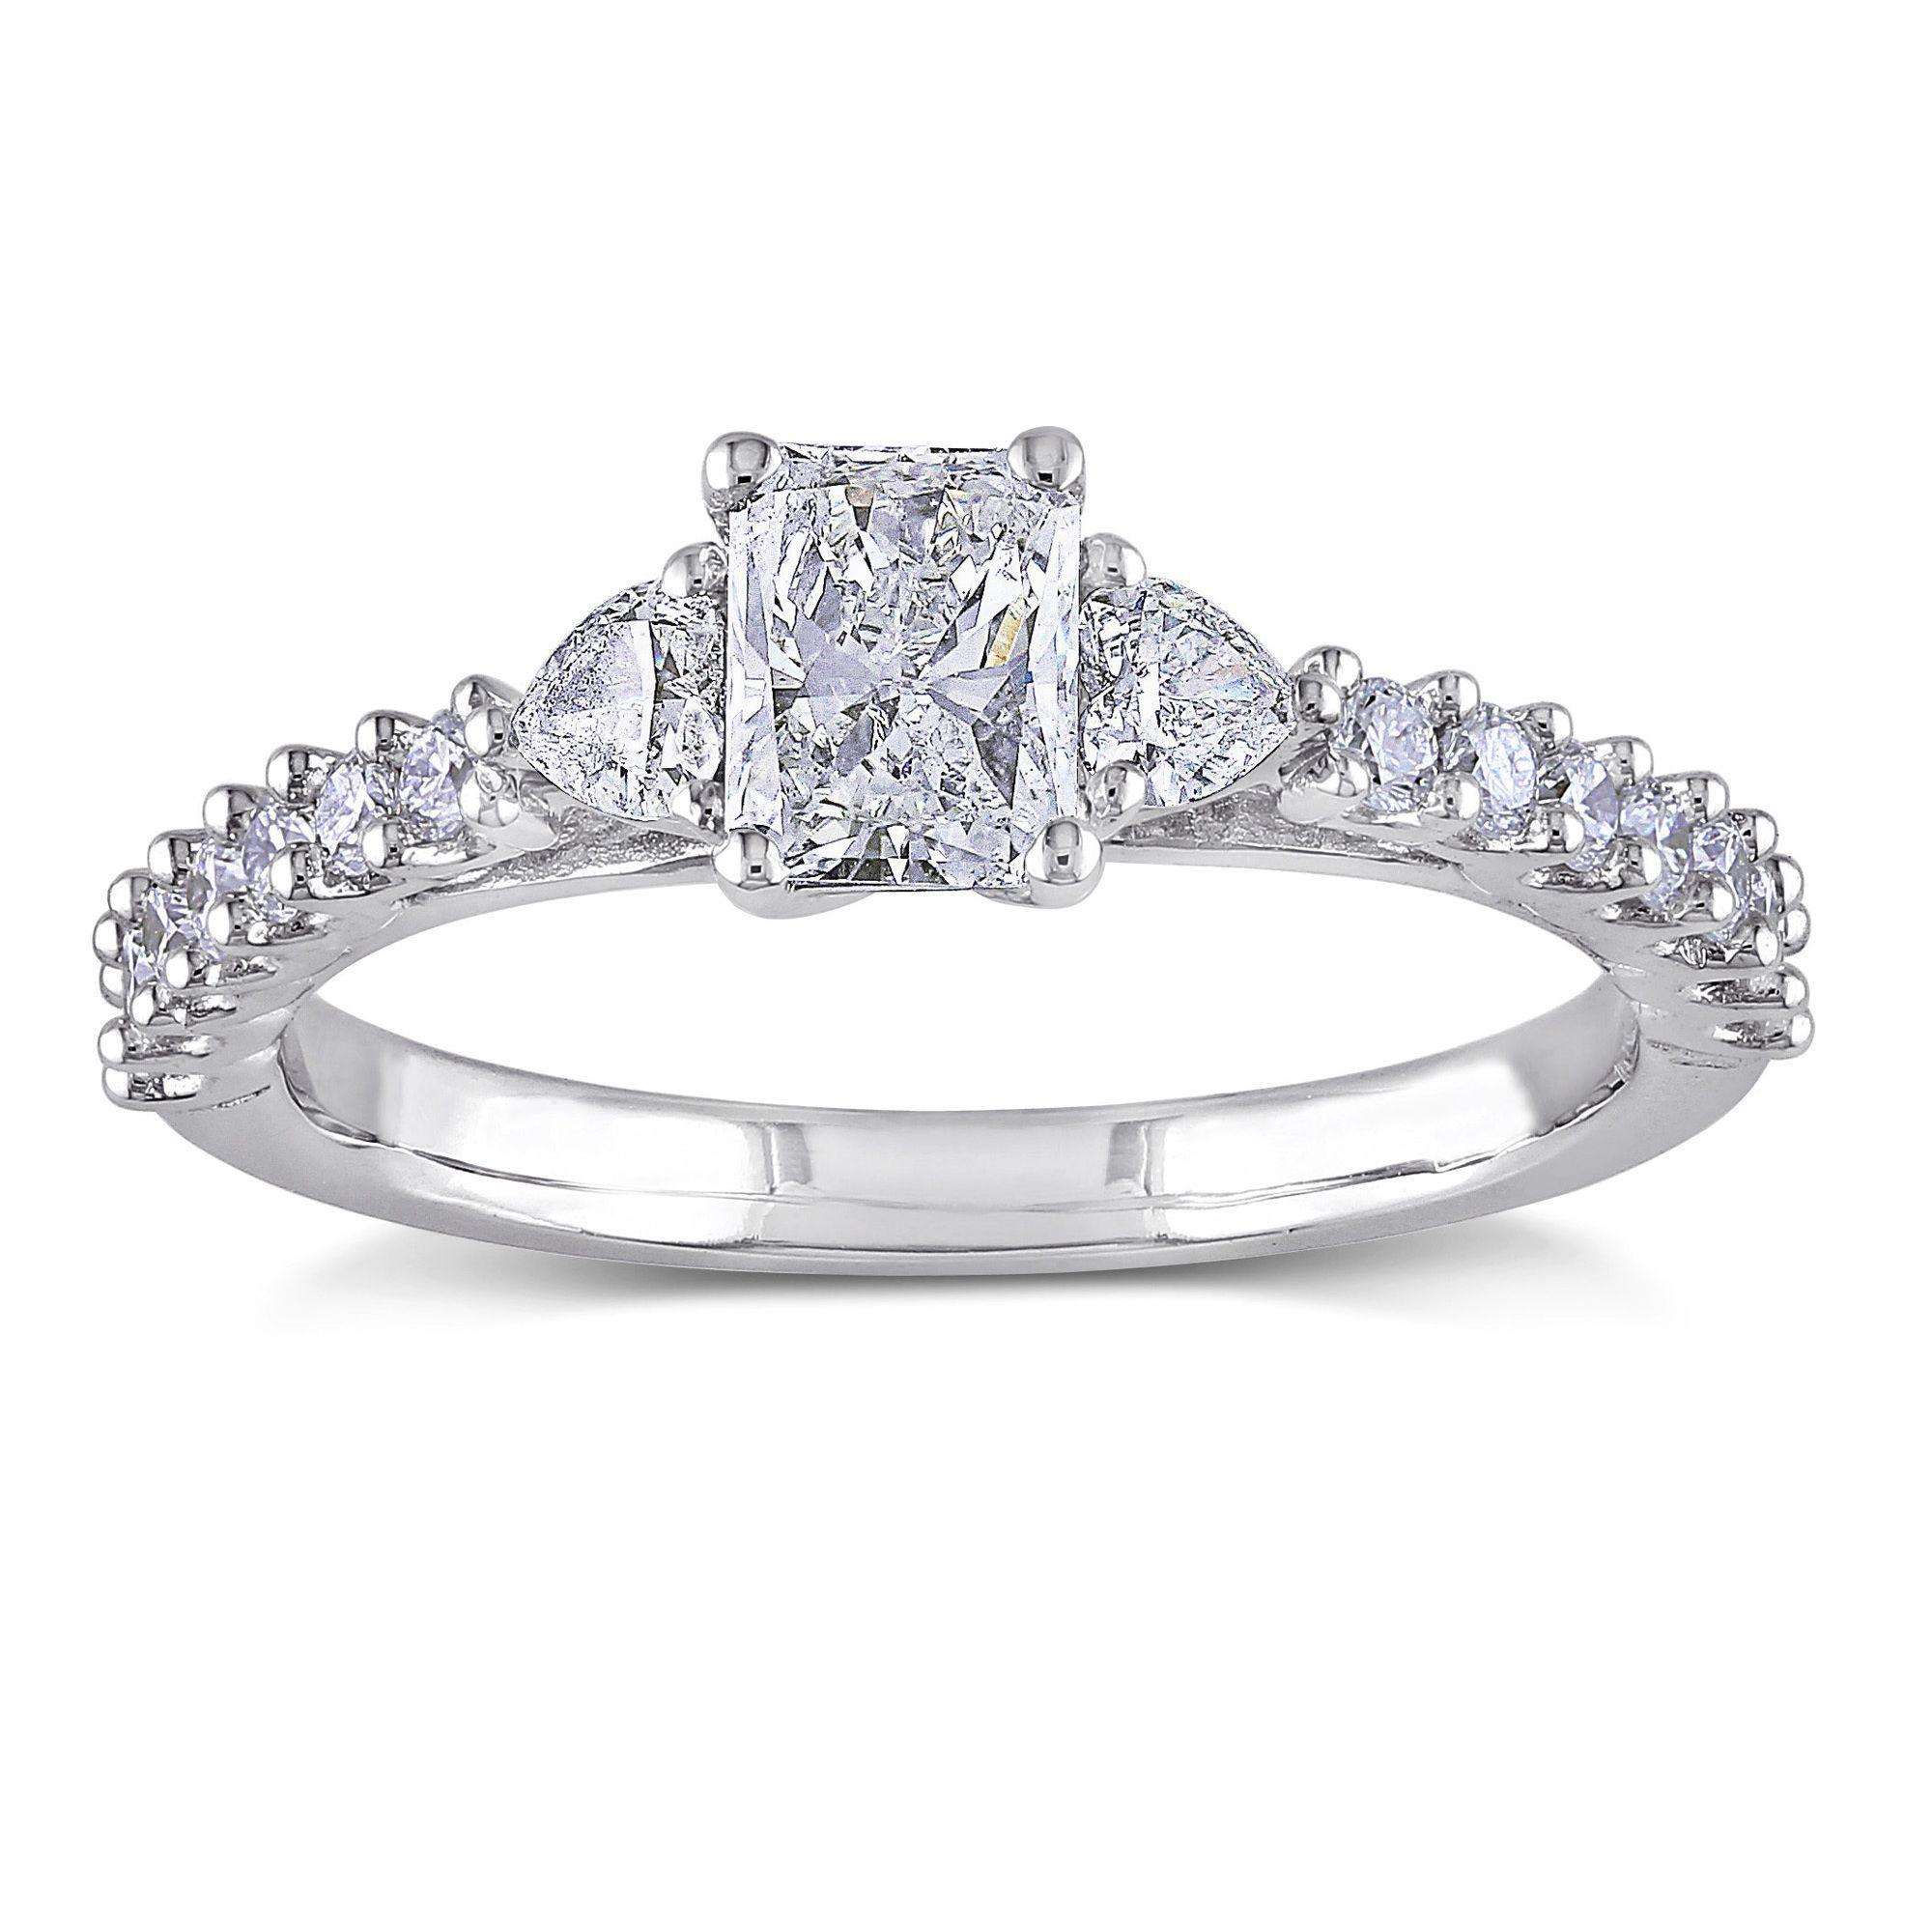 Miadora signature collection 14k white gold 1ct tdw diamond double row - Miadora Signature Collection 14k White Gold 1ct Tdw Radiant Cut Diamond Ring By Miadora